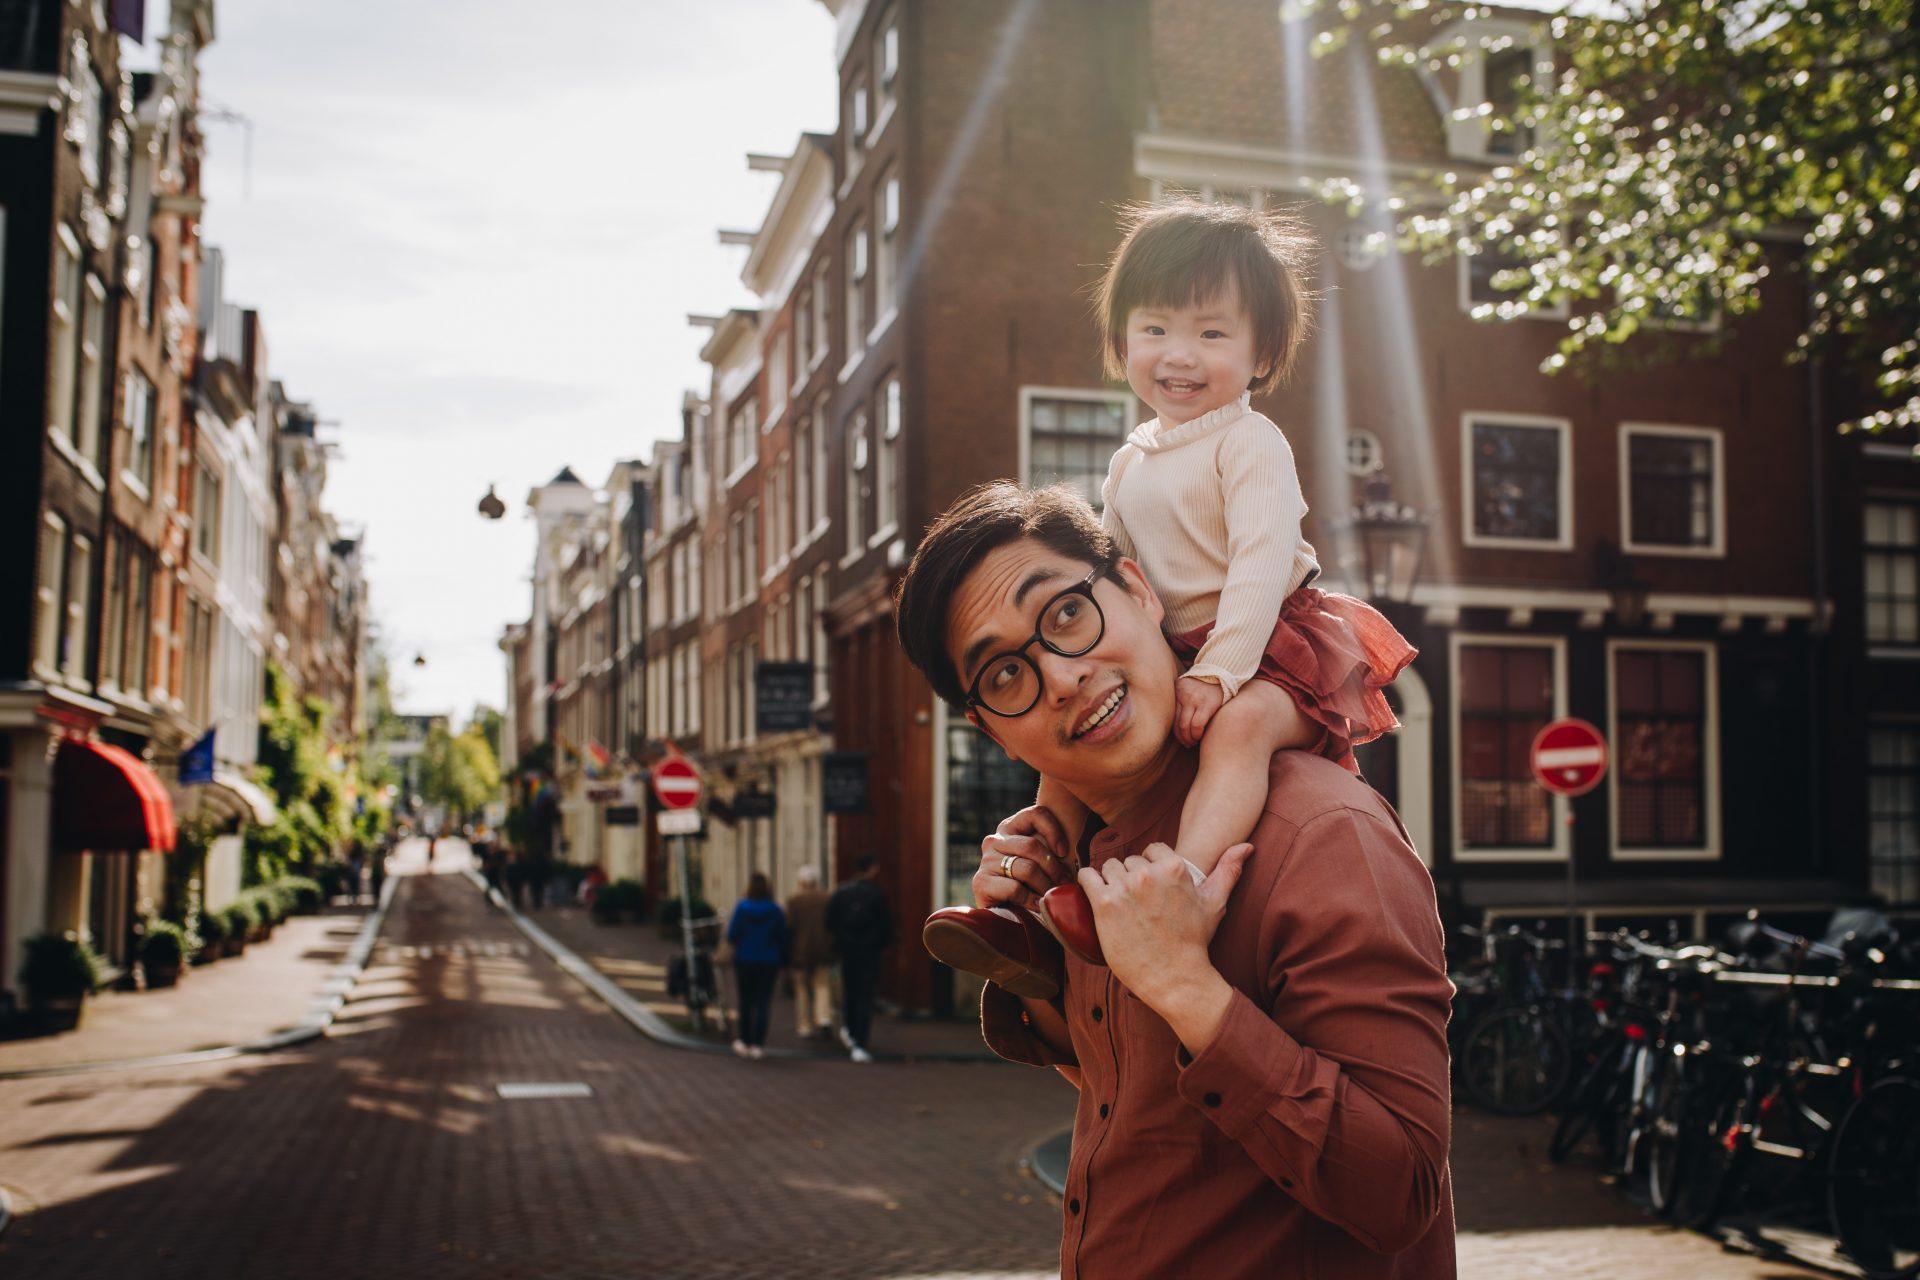 De Jordaan Amsterdam, dad and his little girl on his shoulders